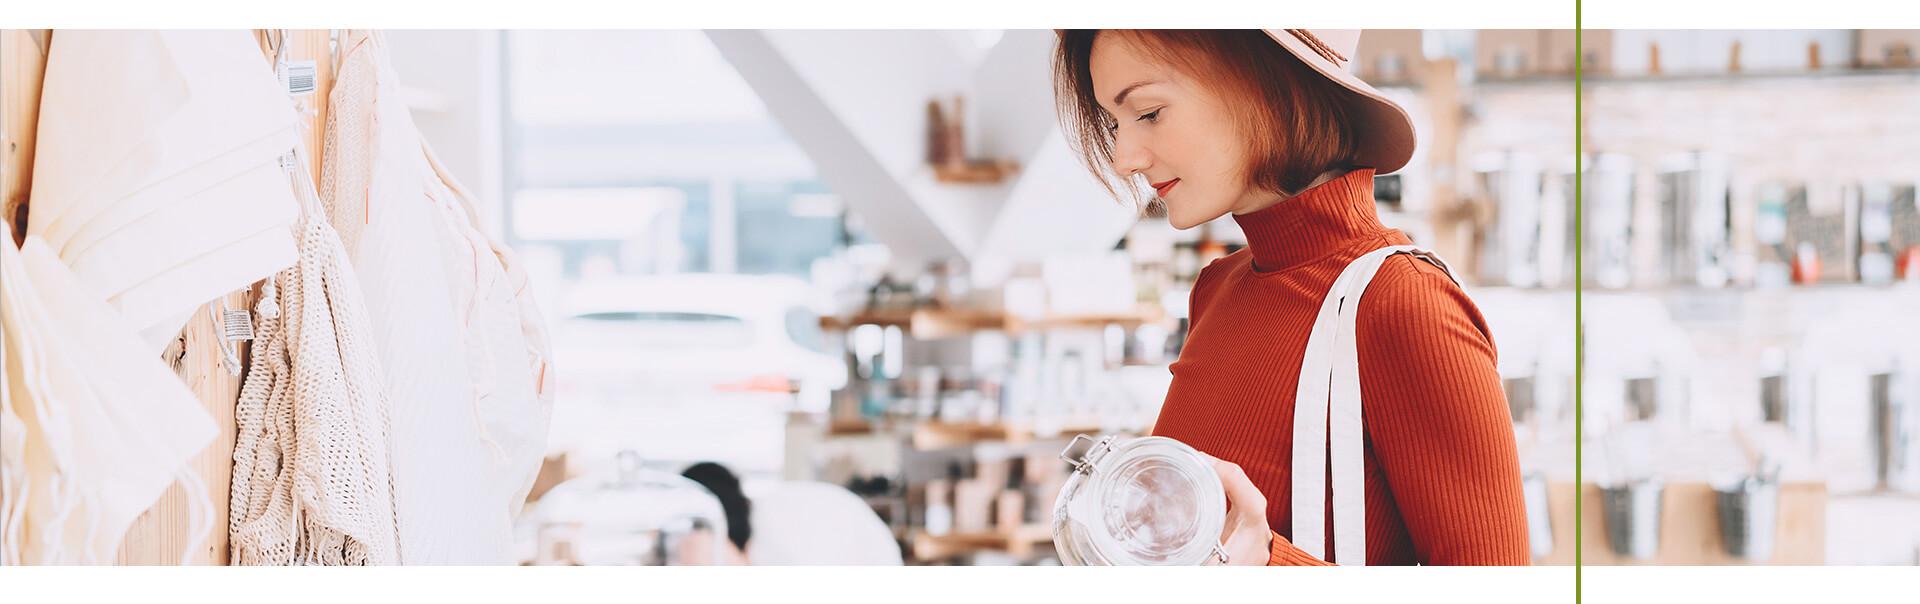 Świadome zakupy – dlaczego są ważne?